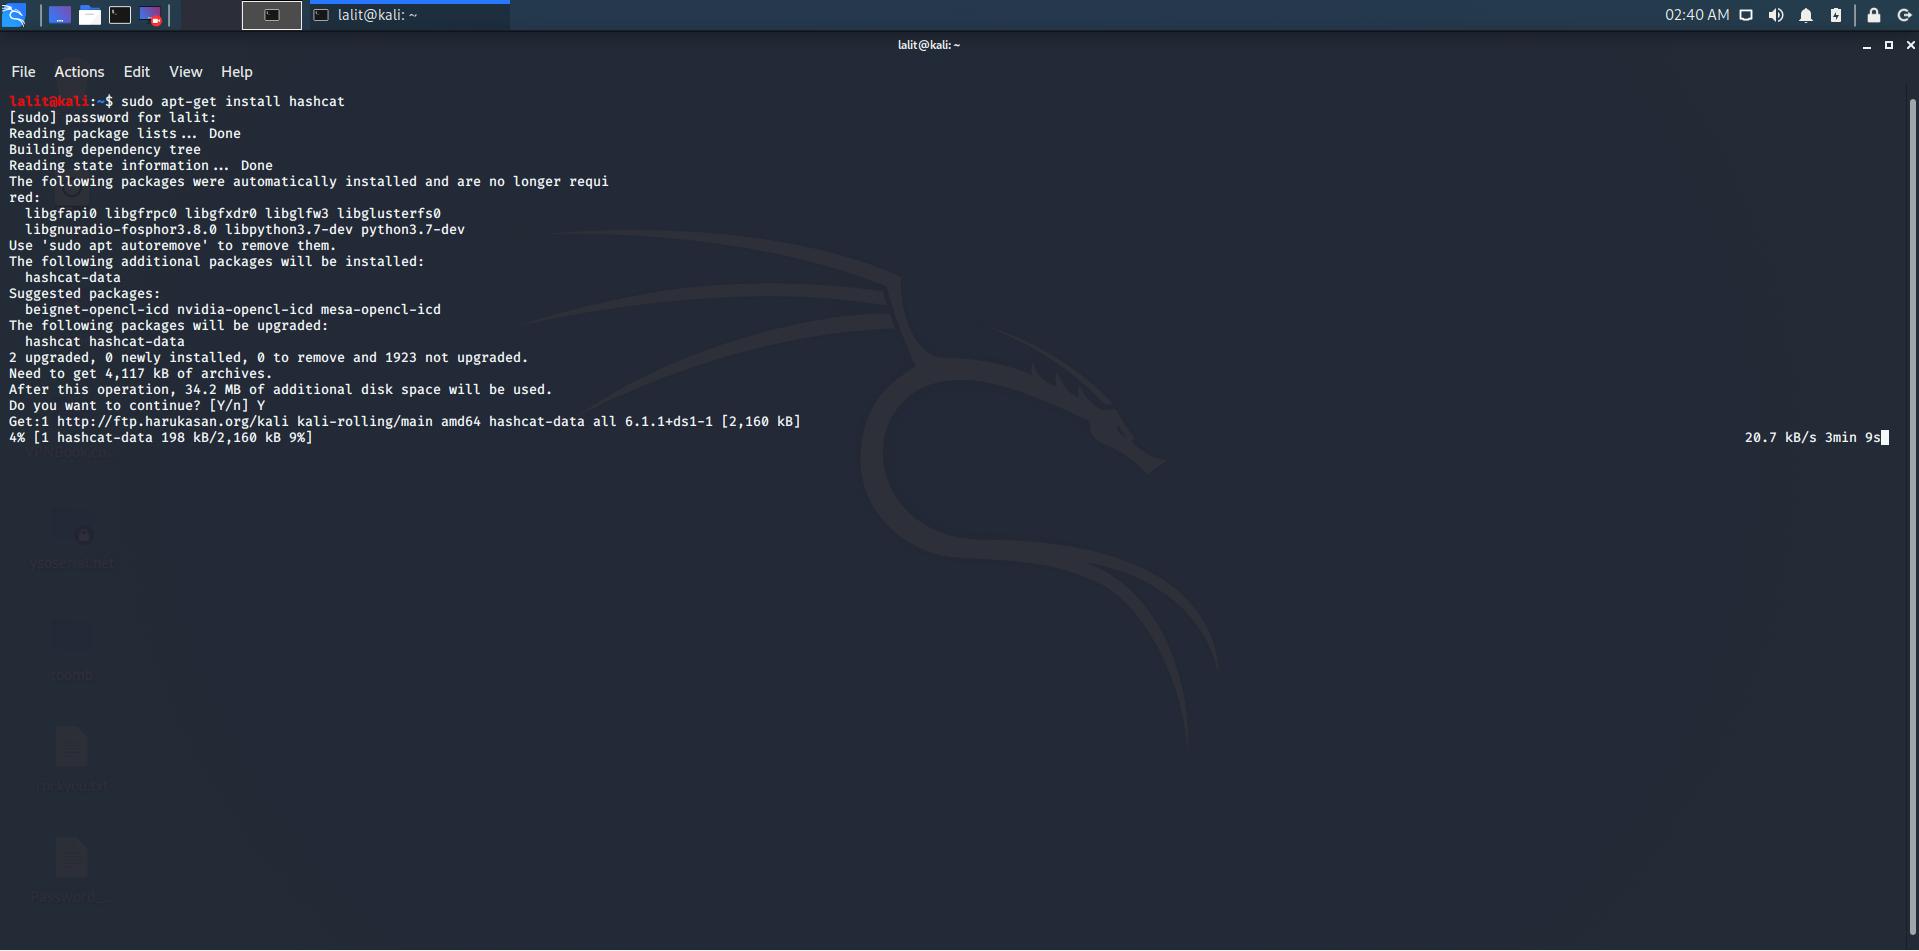 installing hashcat